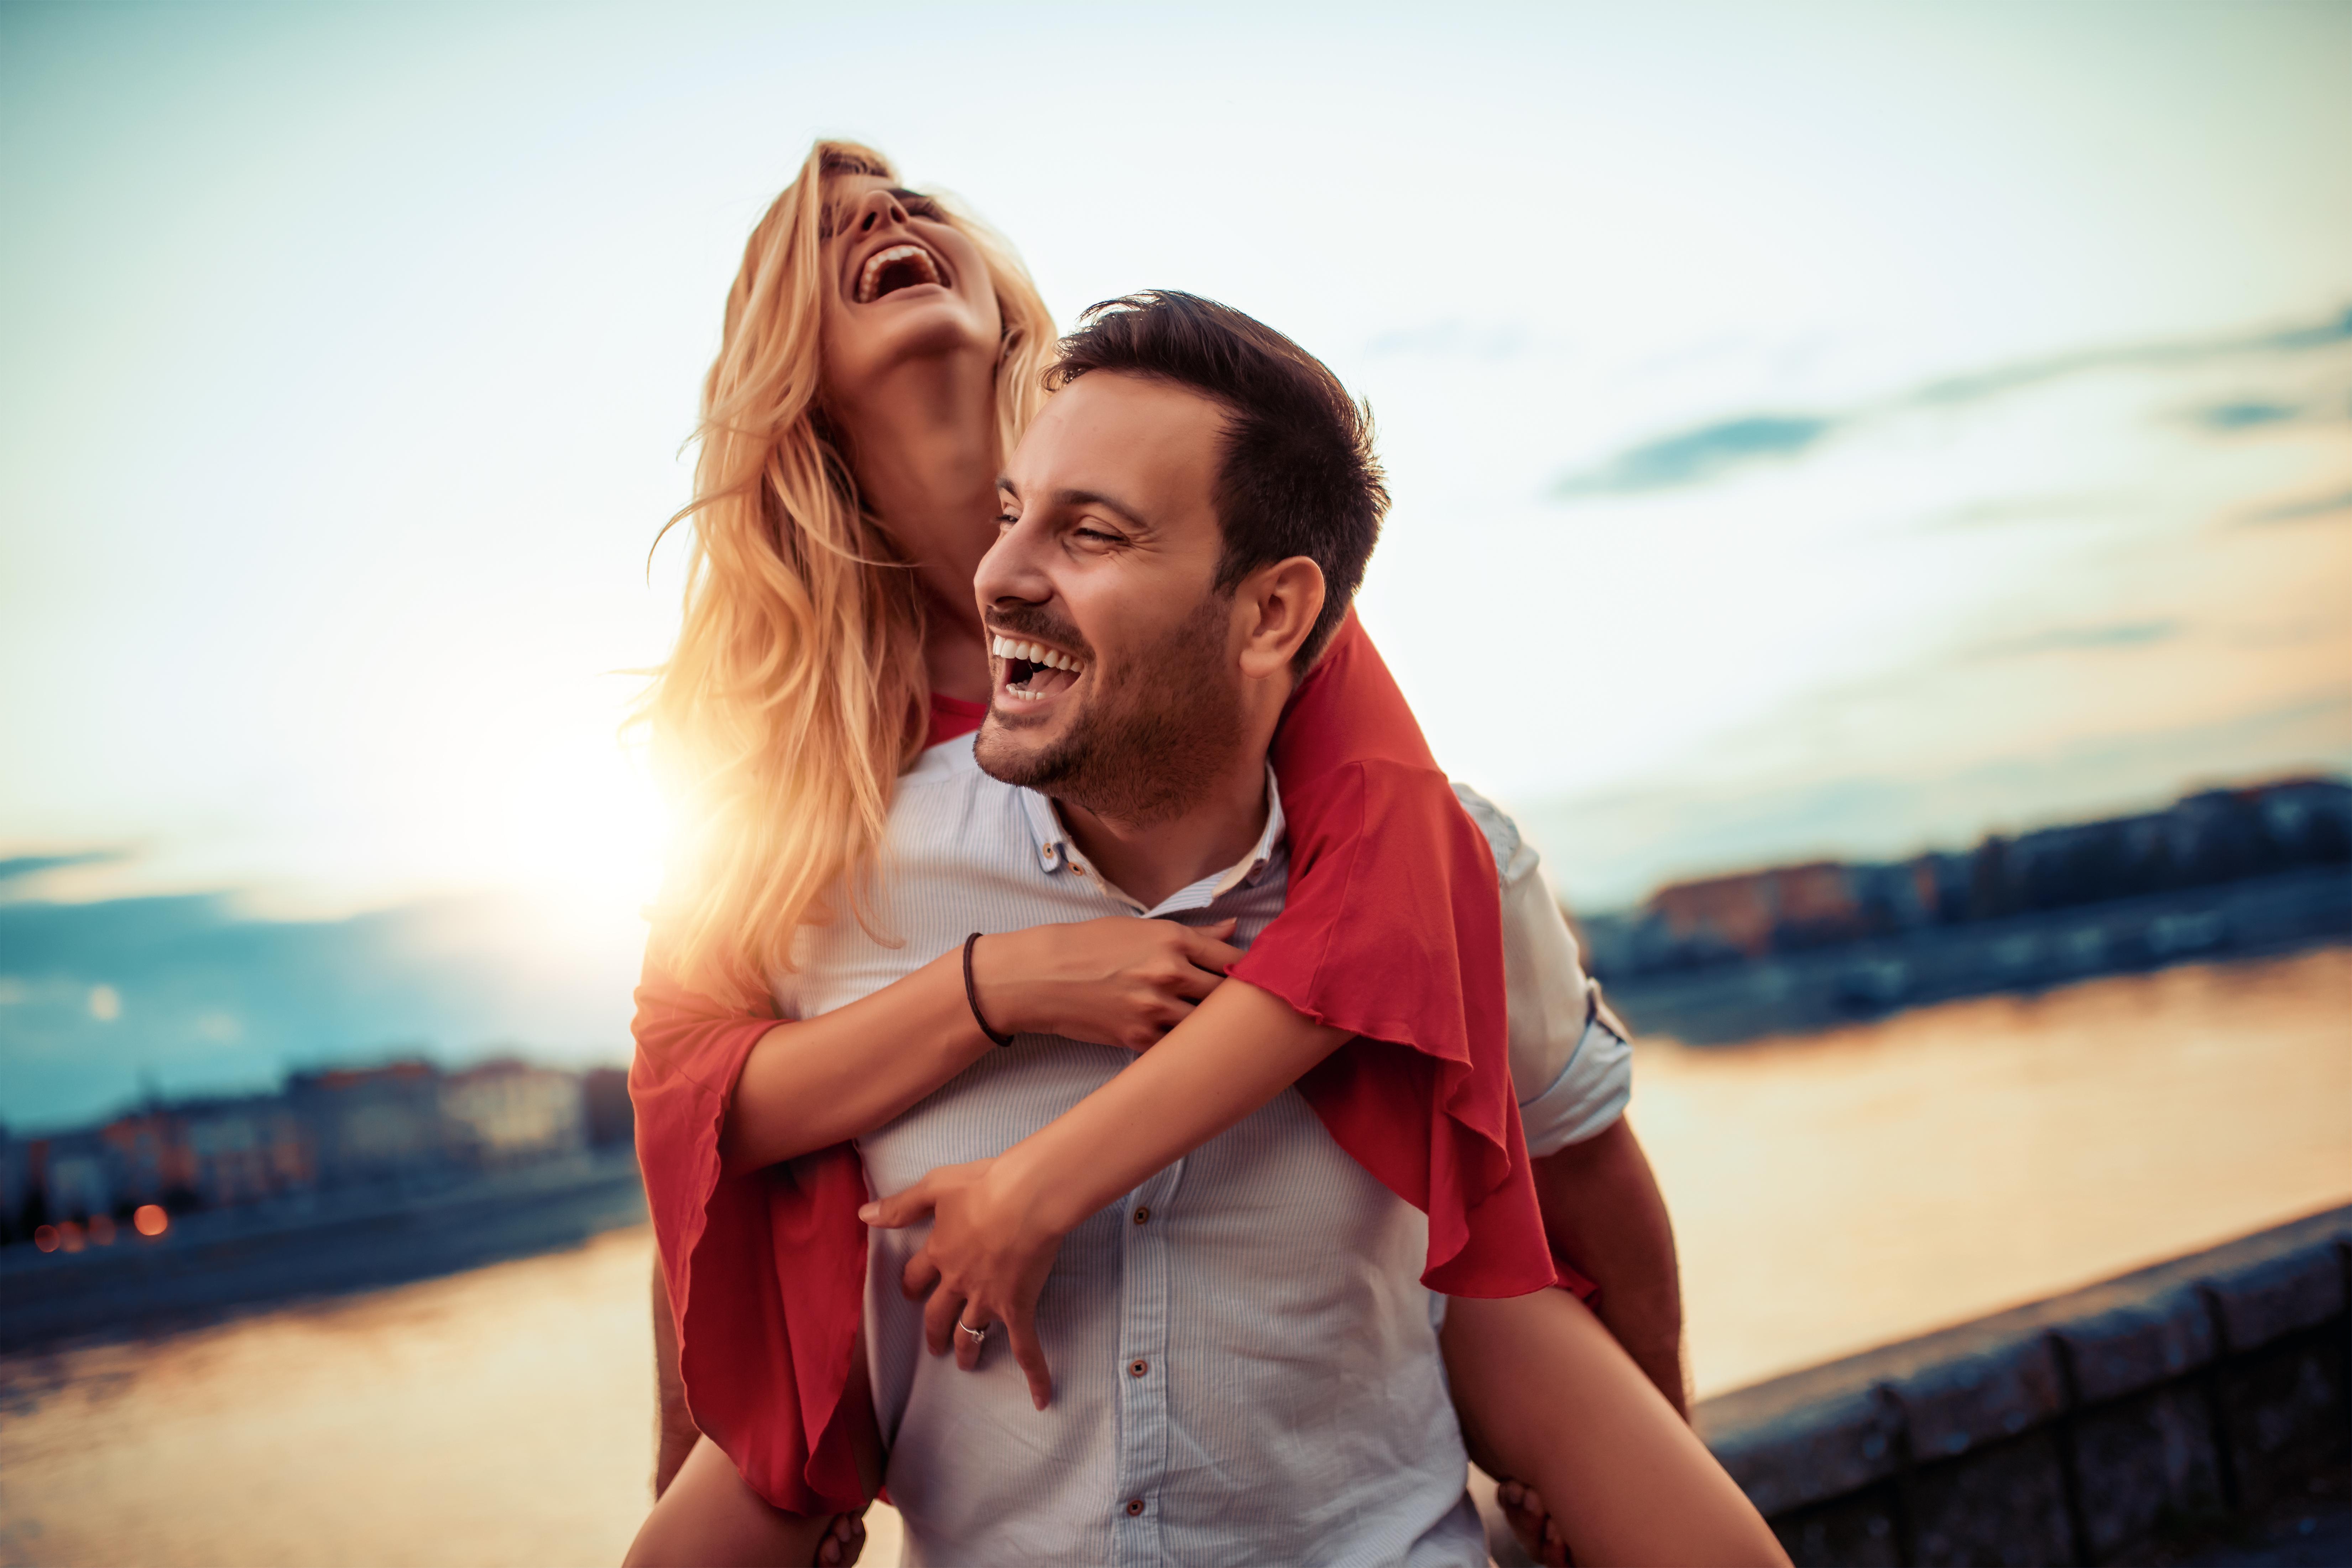 <p>Пролетта и лятото ще подарят на Везните&nbsp;нов очарователен и интригуващ човек, който ще&nbsp;влезе вна пръв поглед непобедимото им сърце. През октомври започва период на голямо щастие във всички области, включително любовта. Съществуващите взаимоотношения през 2020 г. носят стабилност и наслада от връзката.</p>